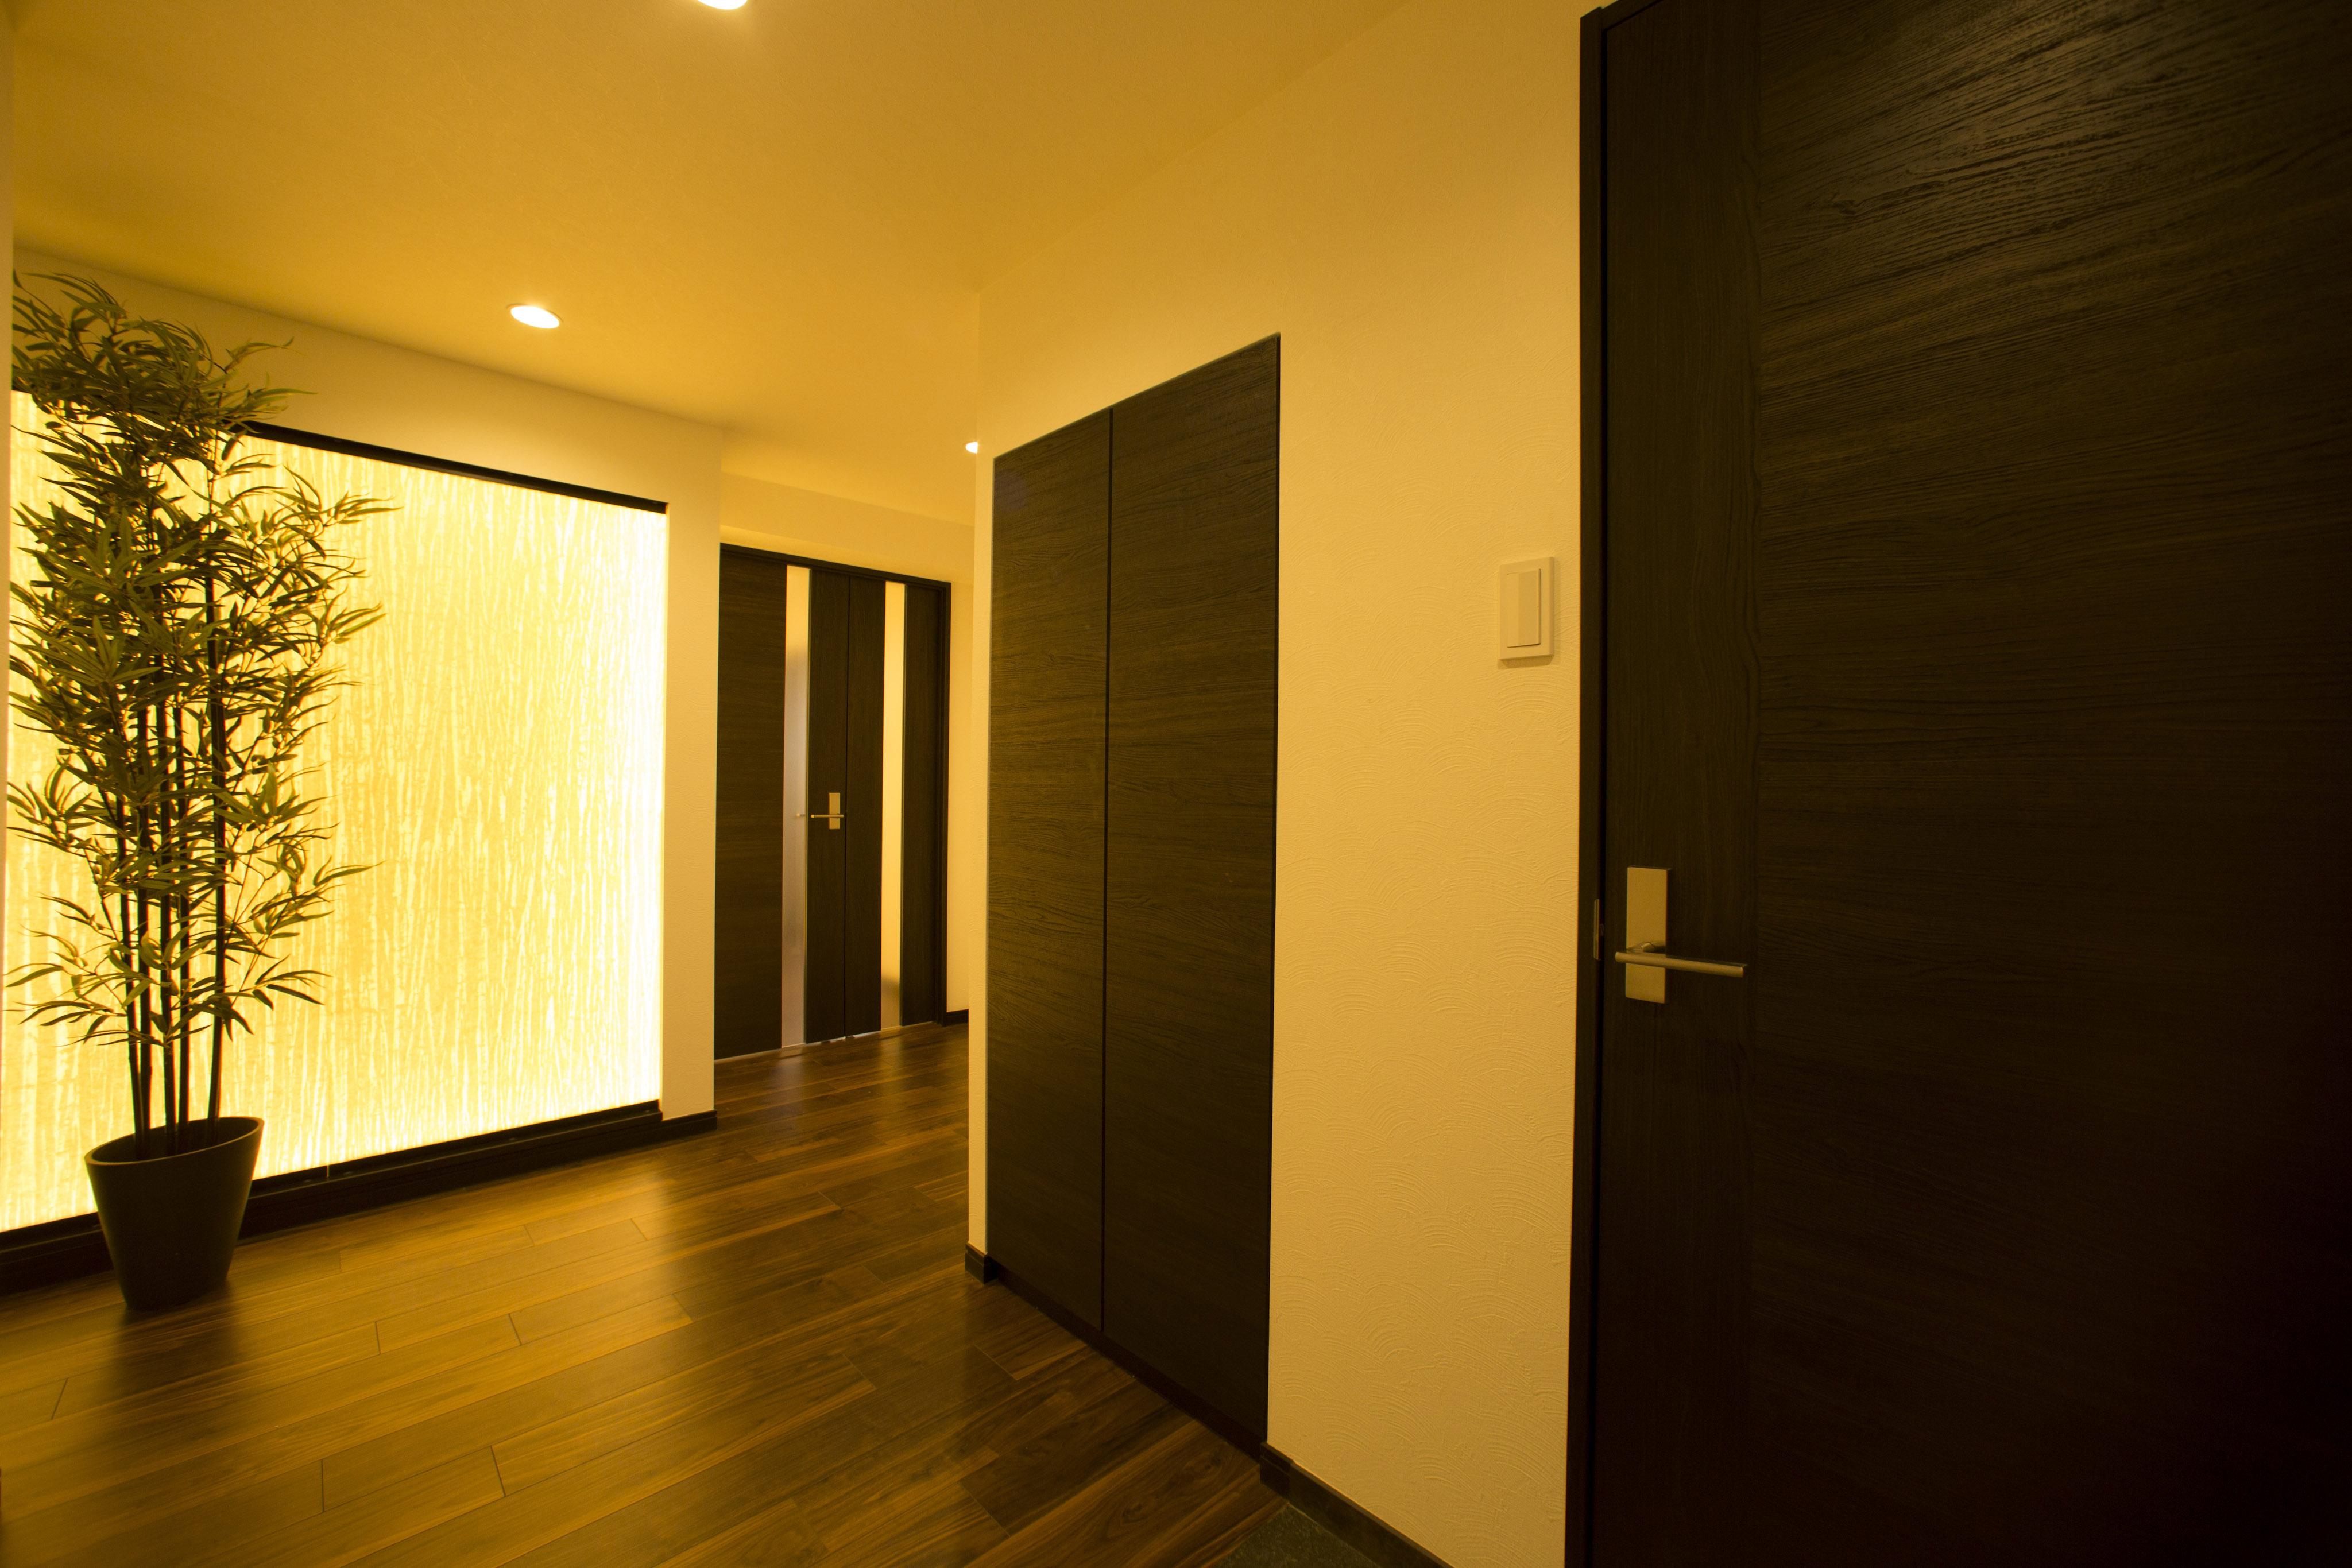 玄関ホールの光壁が温かくお出迎え。和紙を張り巡らせており、ゲストの方も喜んでいただけるような仕上げになっています